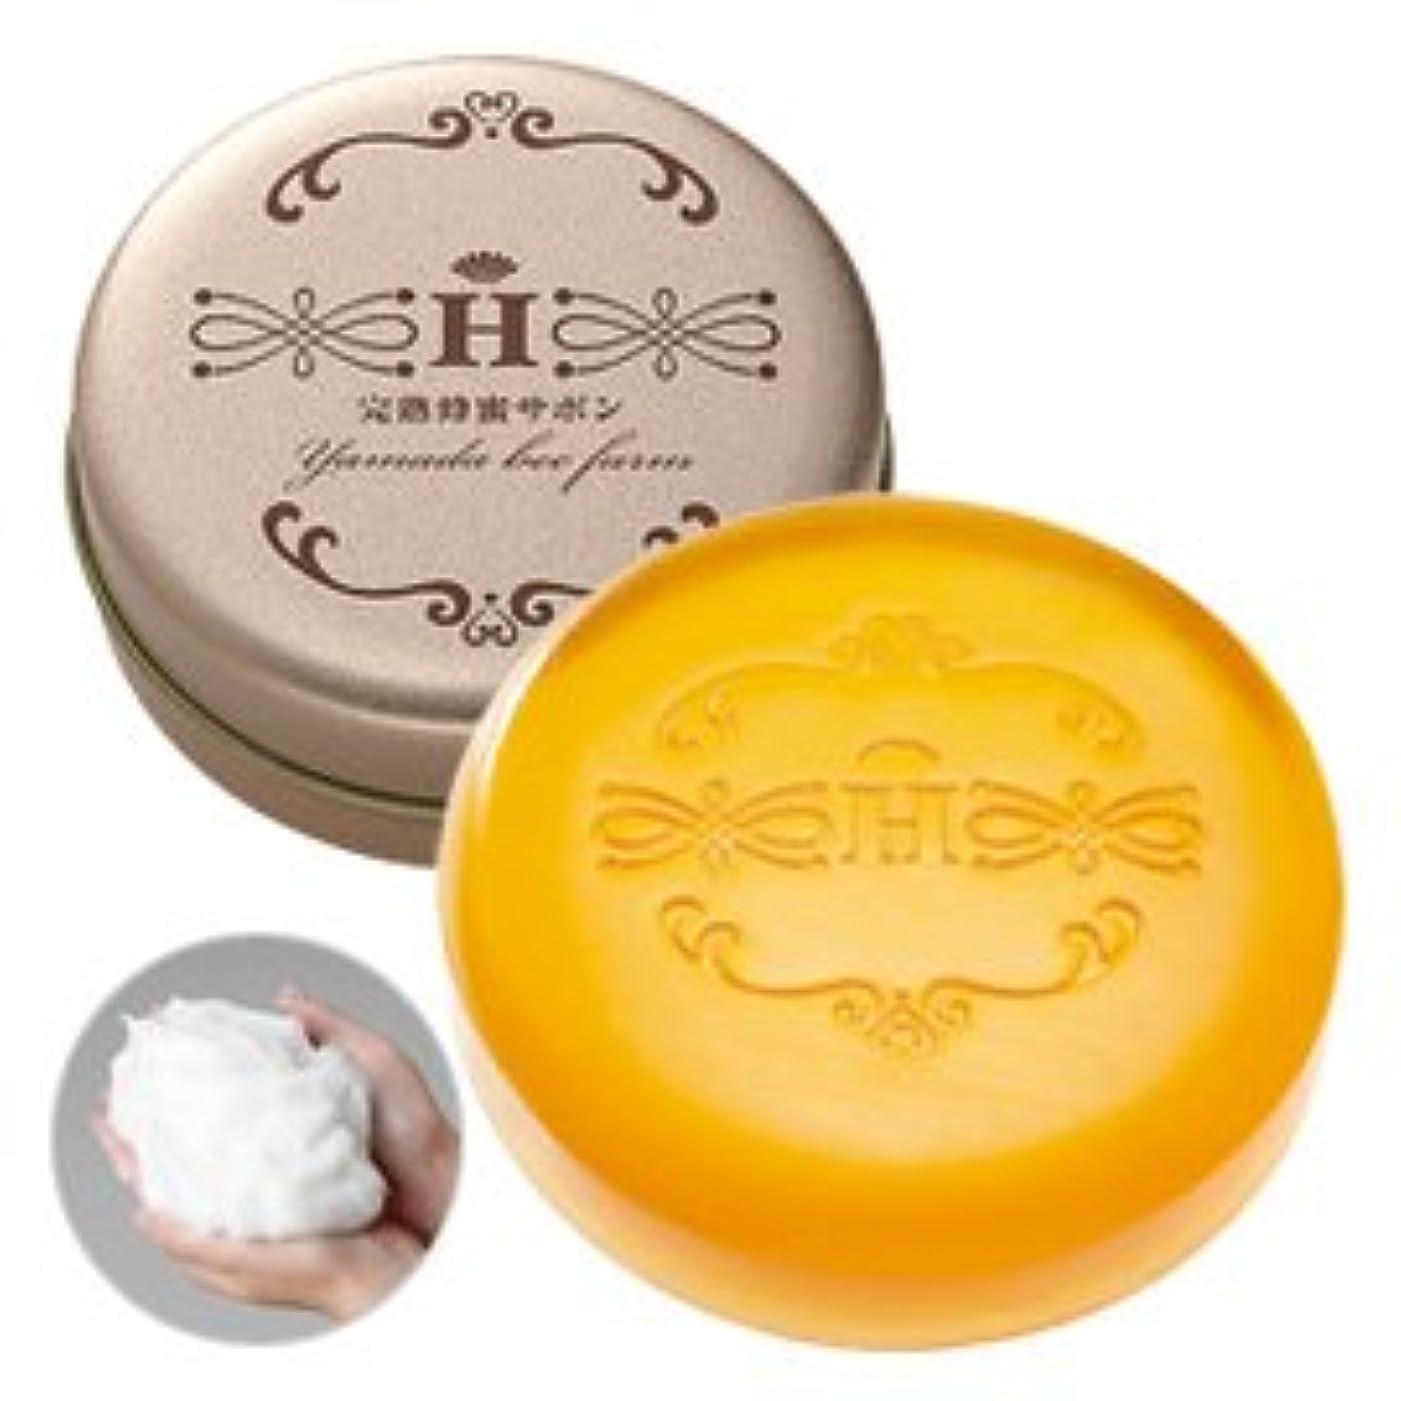 大西洋コメント楽しいハニーラボ 完熟蜂蜜サボン〈枠練〉 60g (缶入り)約1ヶ月分/Honey Lab Ripen Honey Soap <60g> In a can